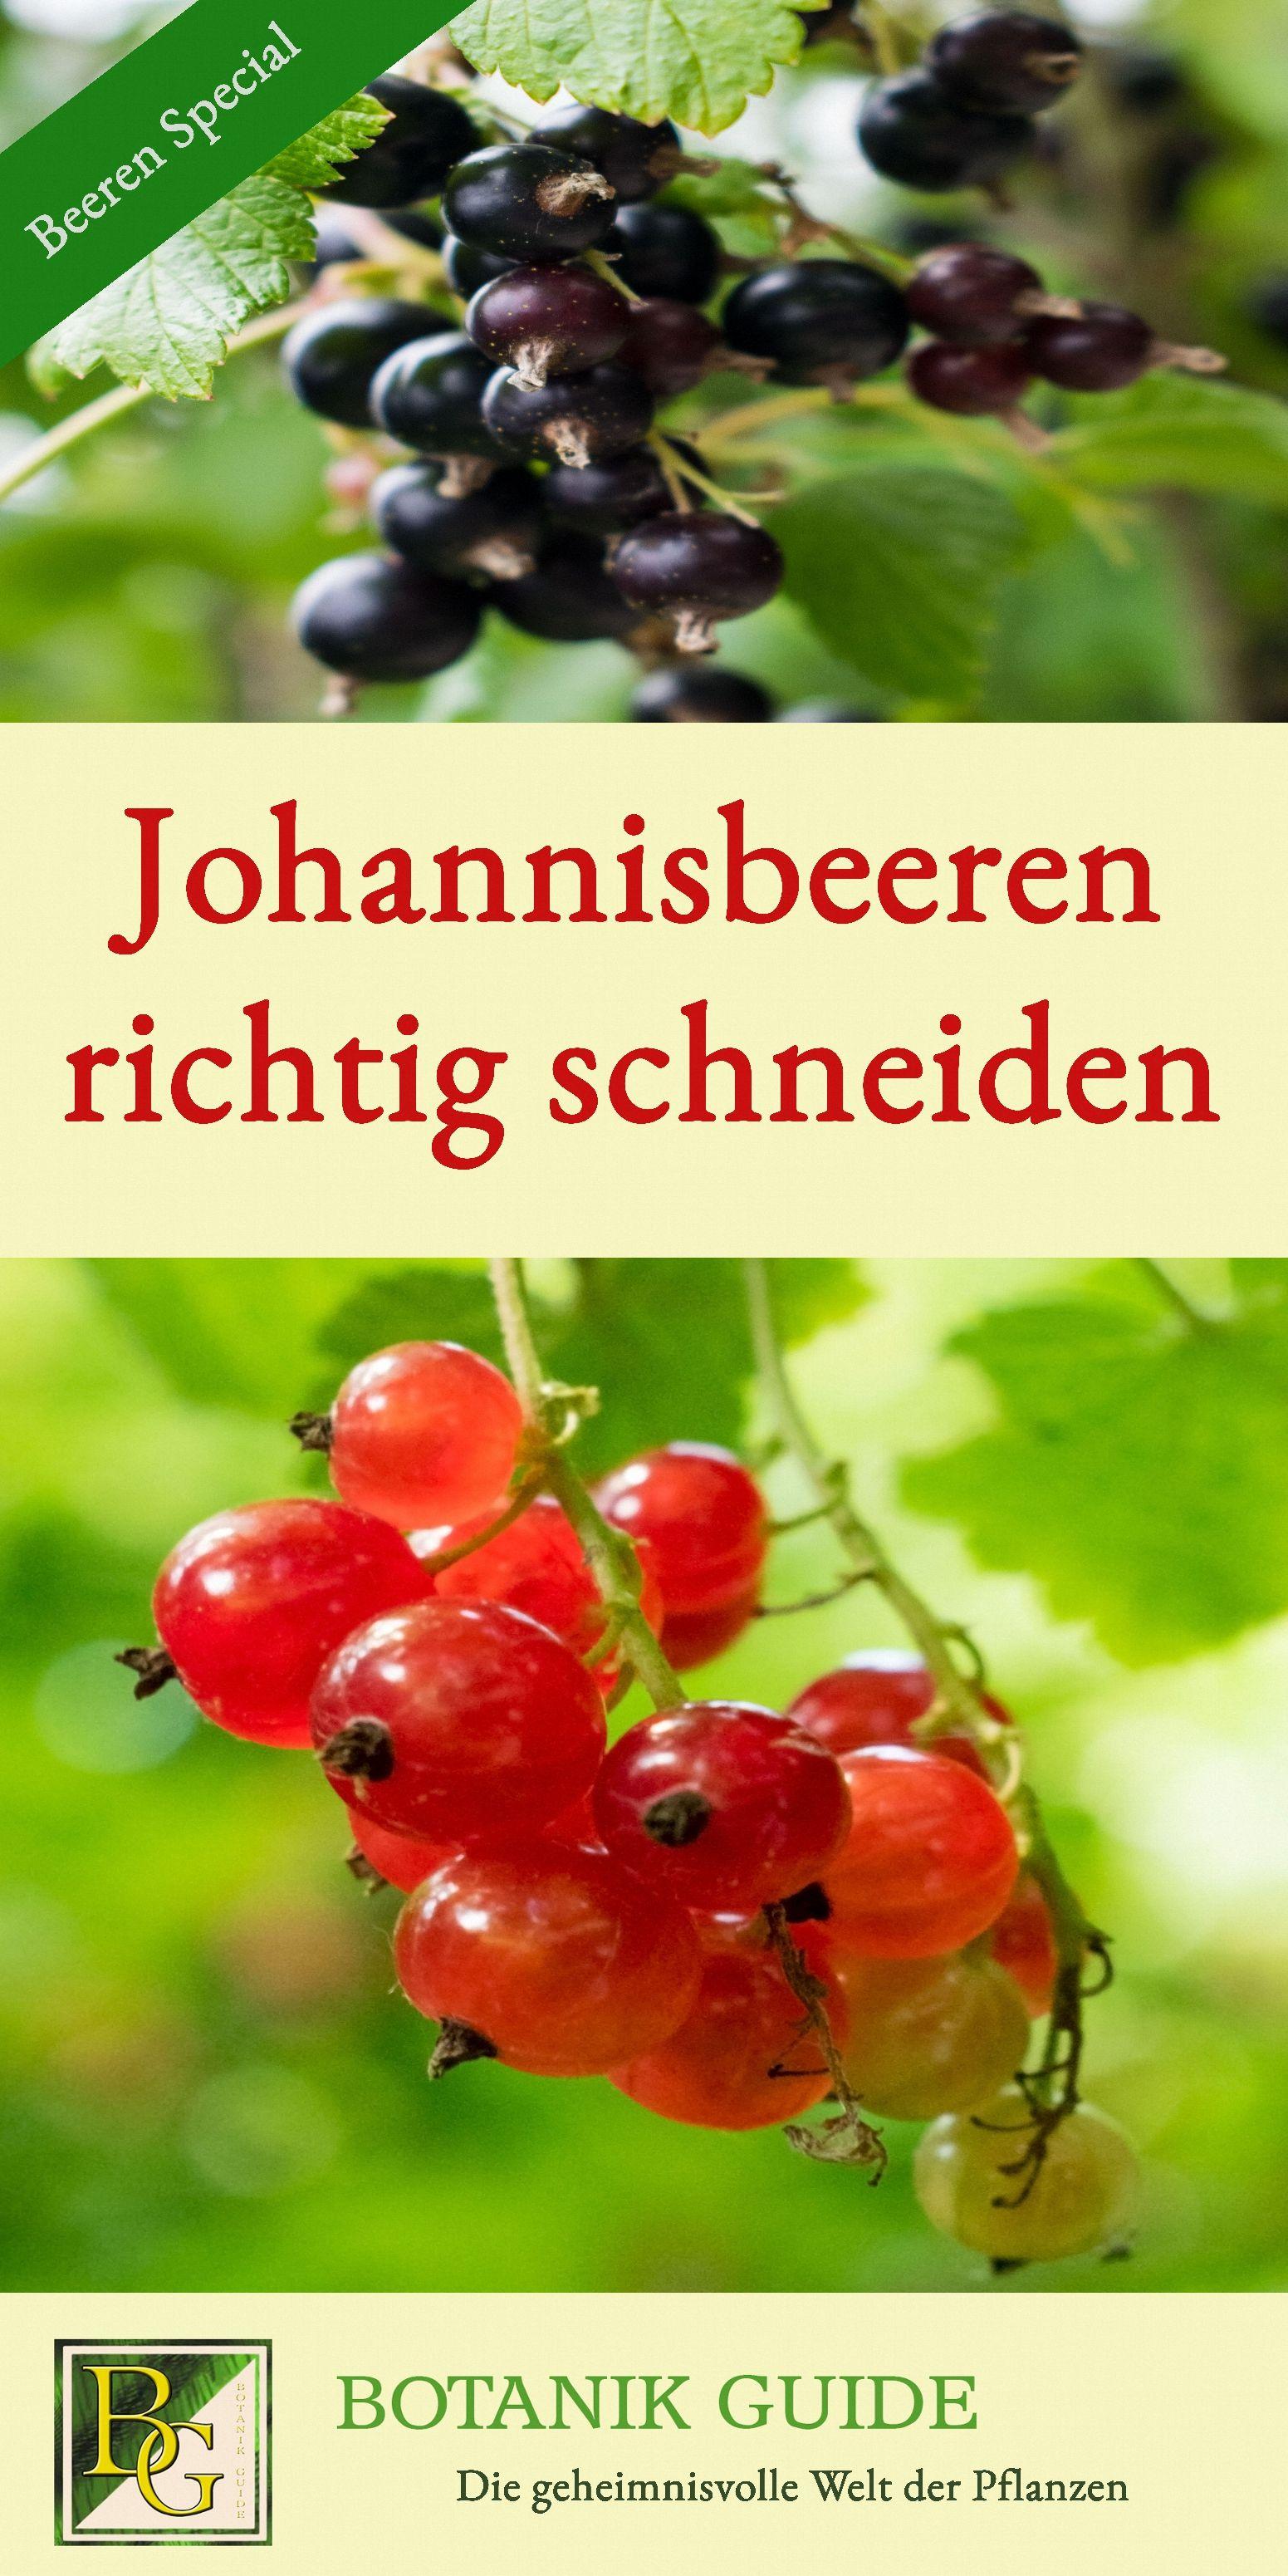 Üppige Johannisbeer-Ernte mit dem richtigen Schnitt